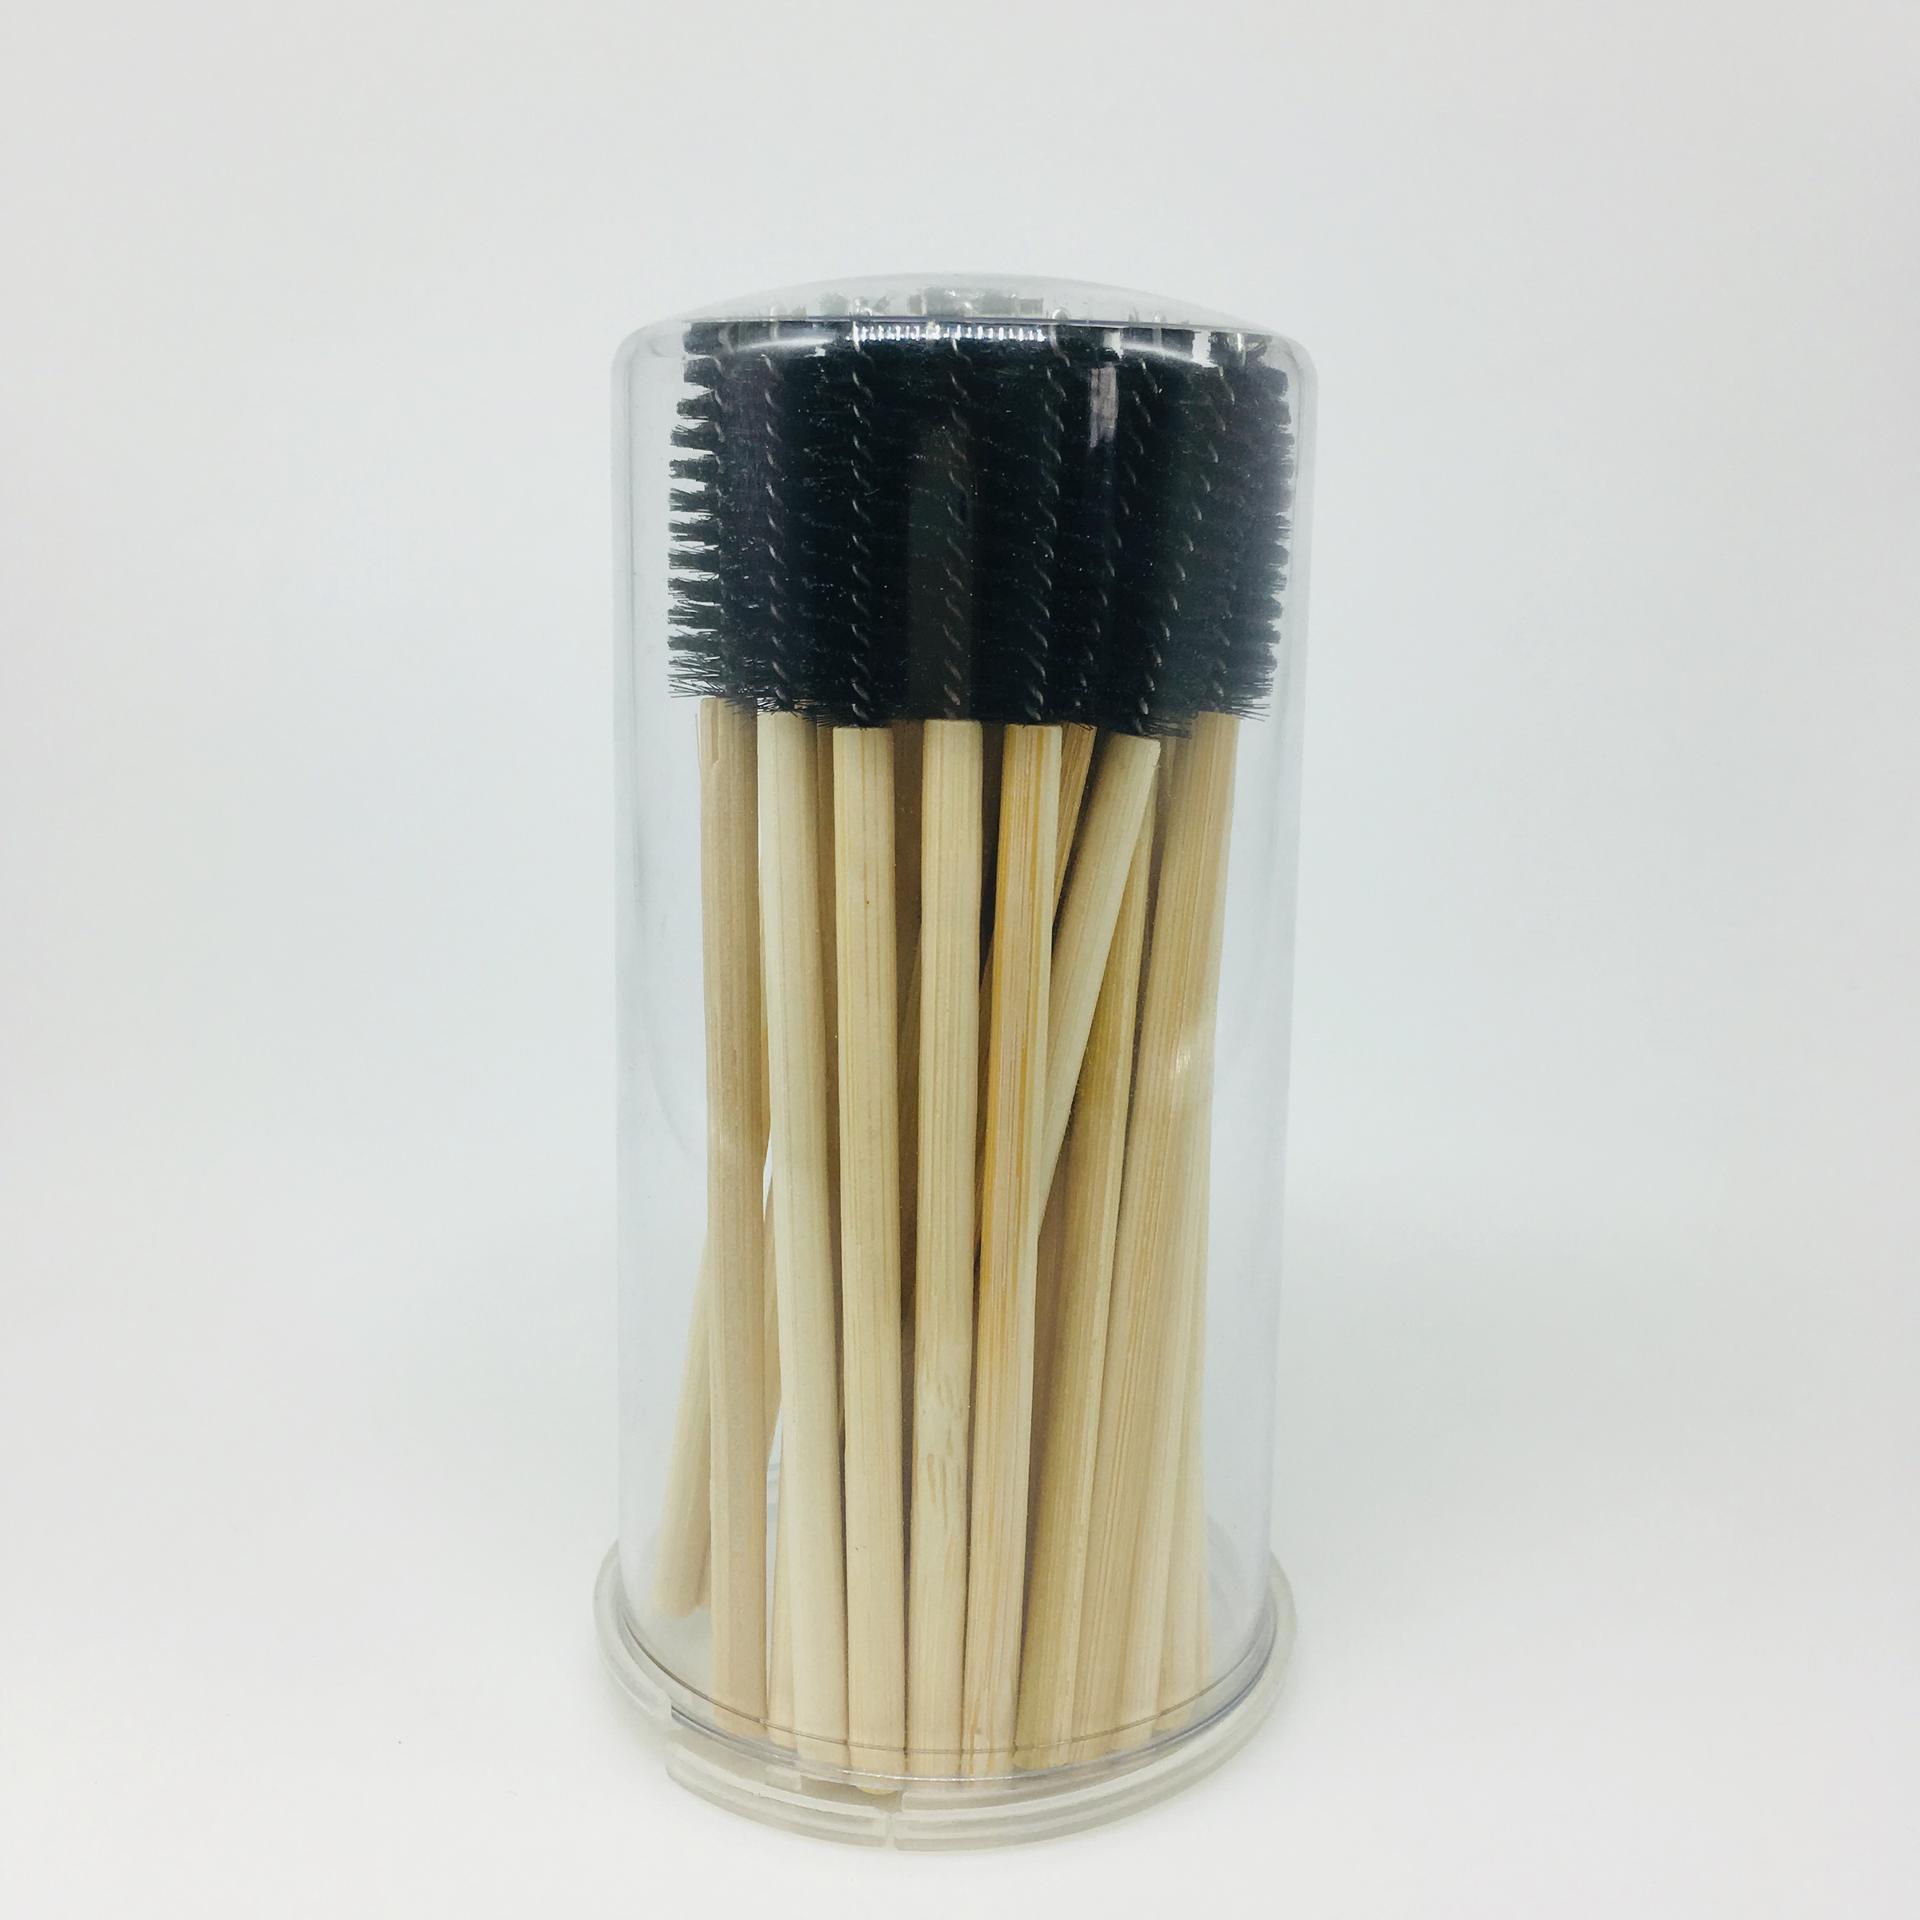 Wholesale Pink Silicone Eyelash Brush Disposable Mascara Wands